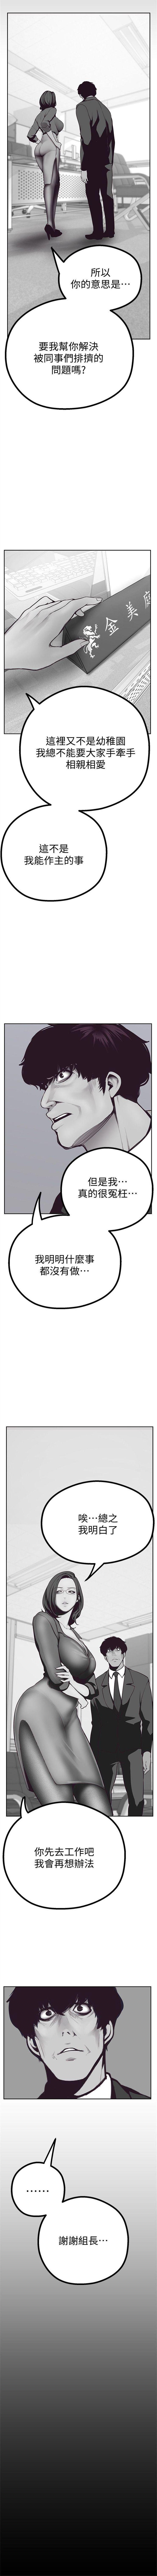 (週1)美麗新世界 1-76 中文翻譯 (更新中) 56